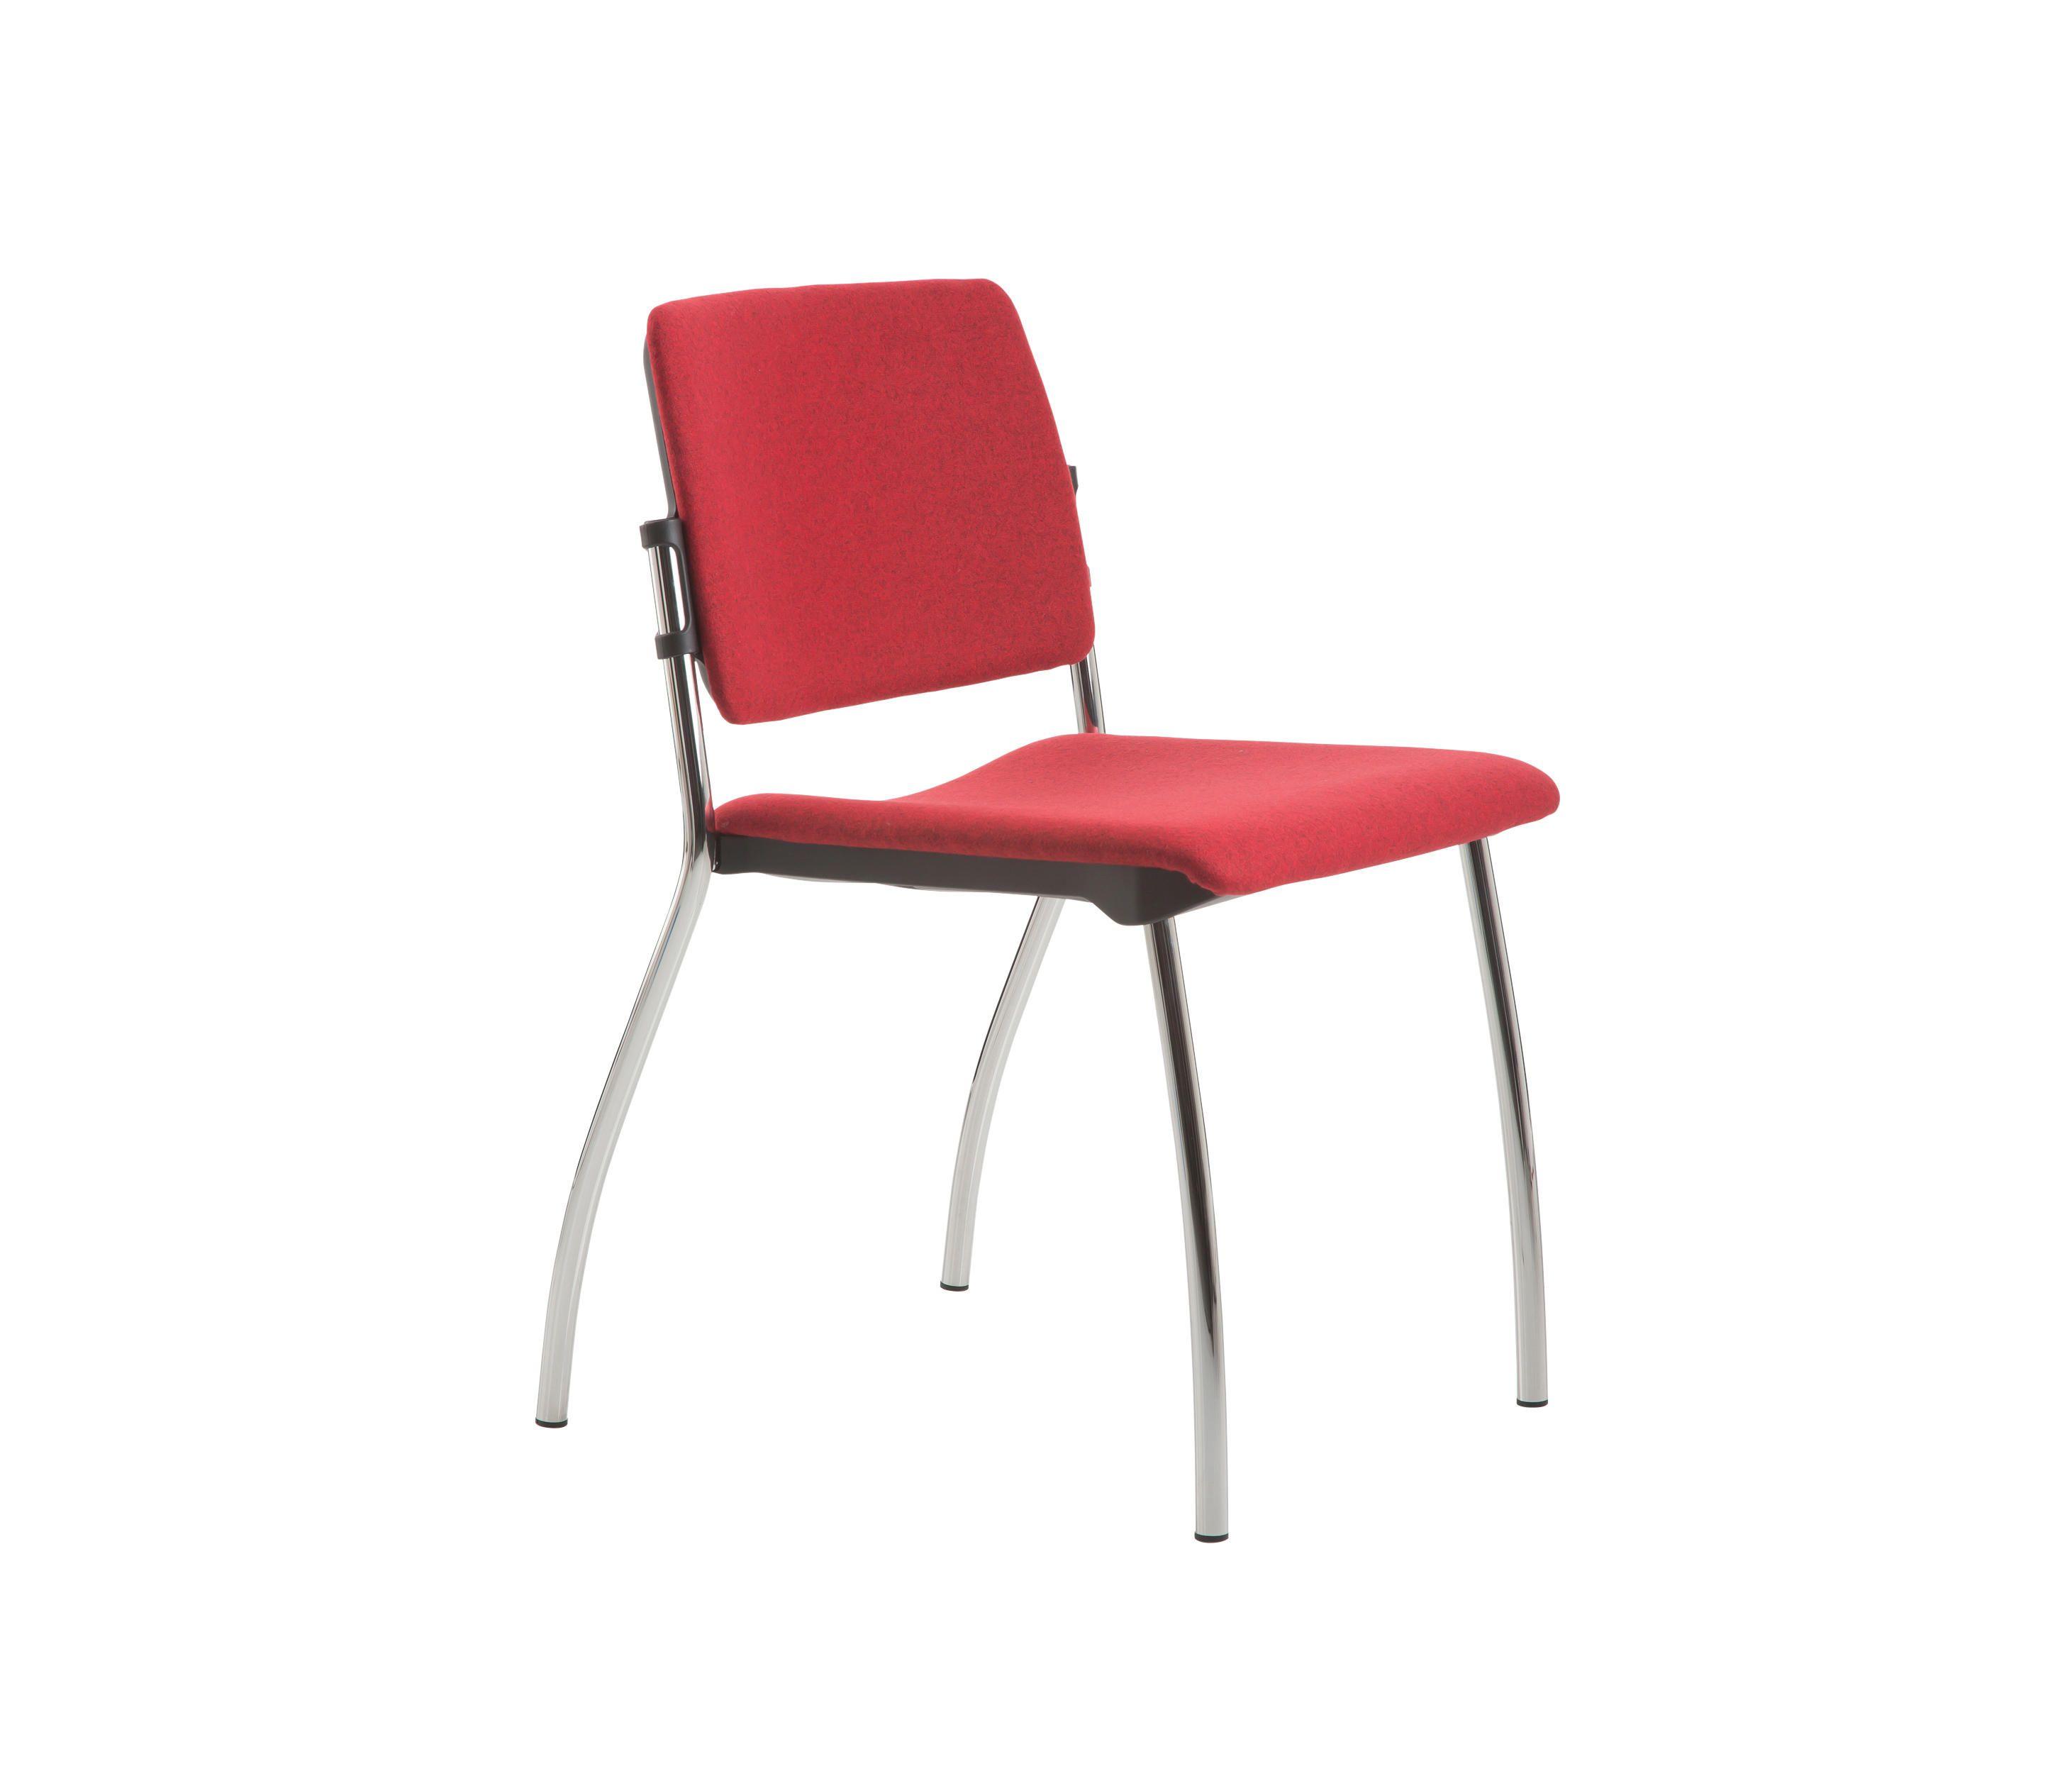 Moderne Stapelbare Stuhle Bankett Stuhle Designer Stapelstuhle Hotel Bankett Tischen Directors Chair Stuhle Design Home Decor Decor